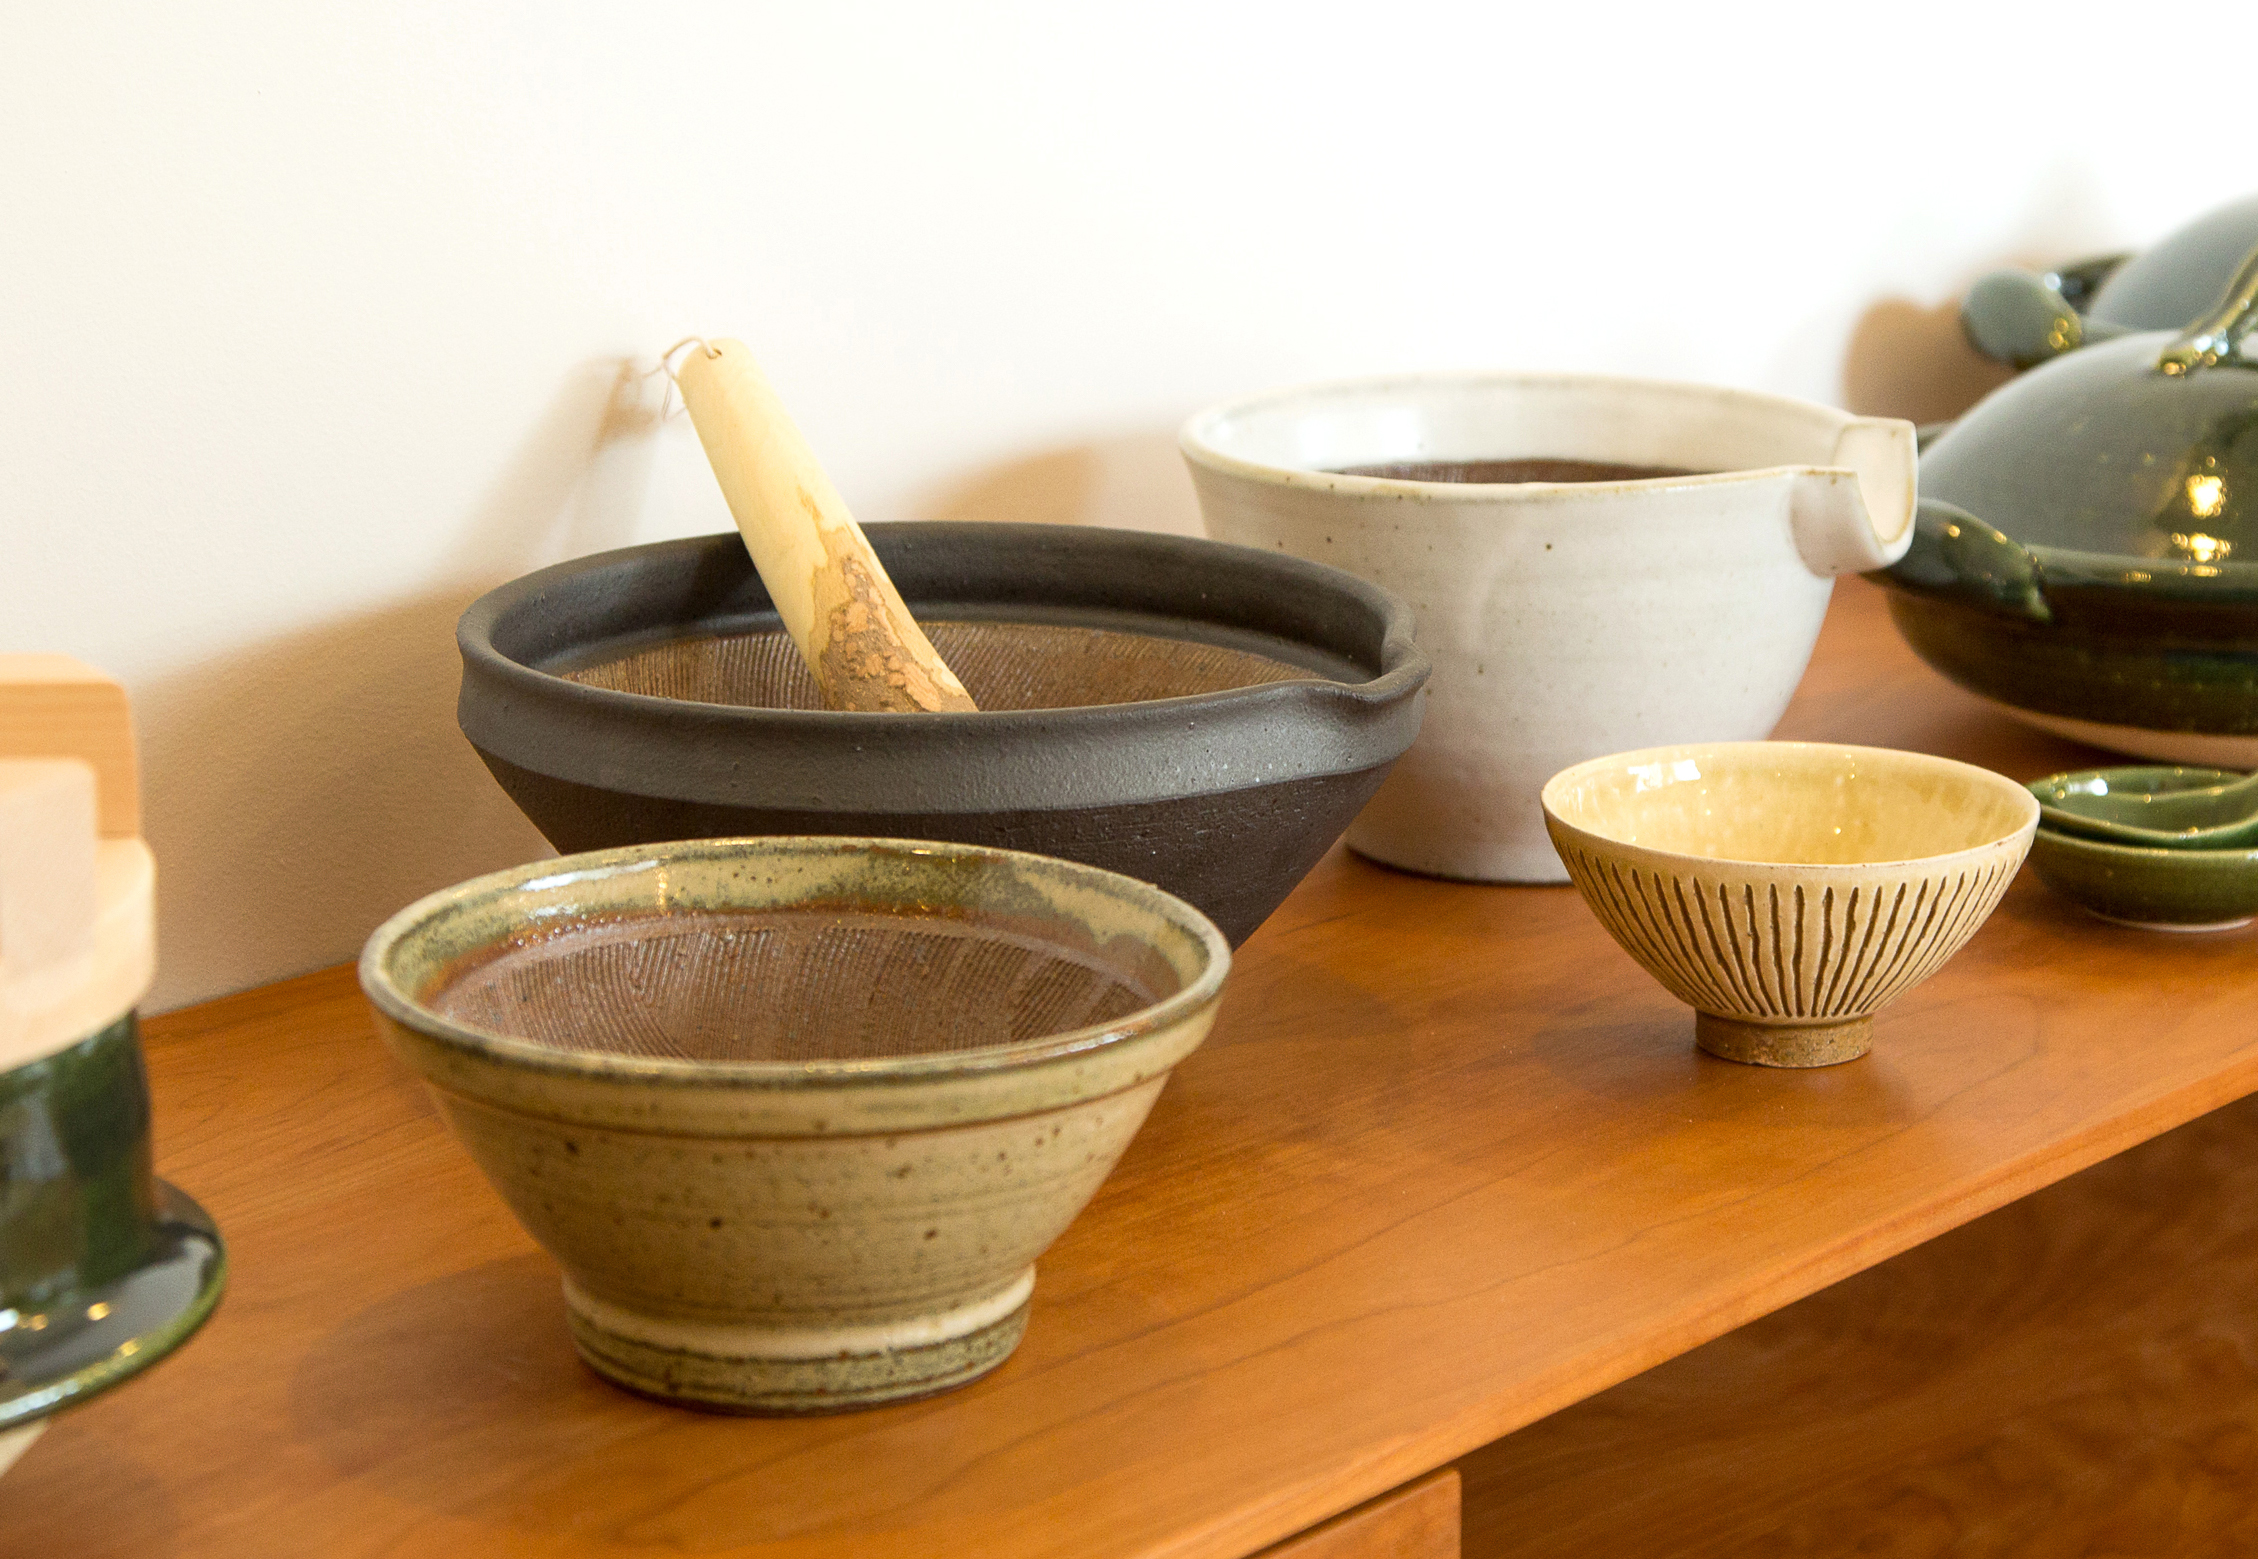 日本の伝統工芸道具「すり鉢」が食卓を変える! 多治見「山只華陶苑」加藤智也さんのすり鉢